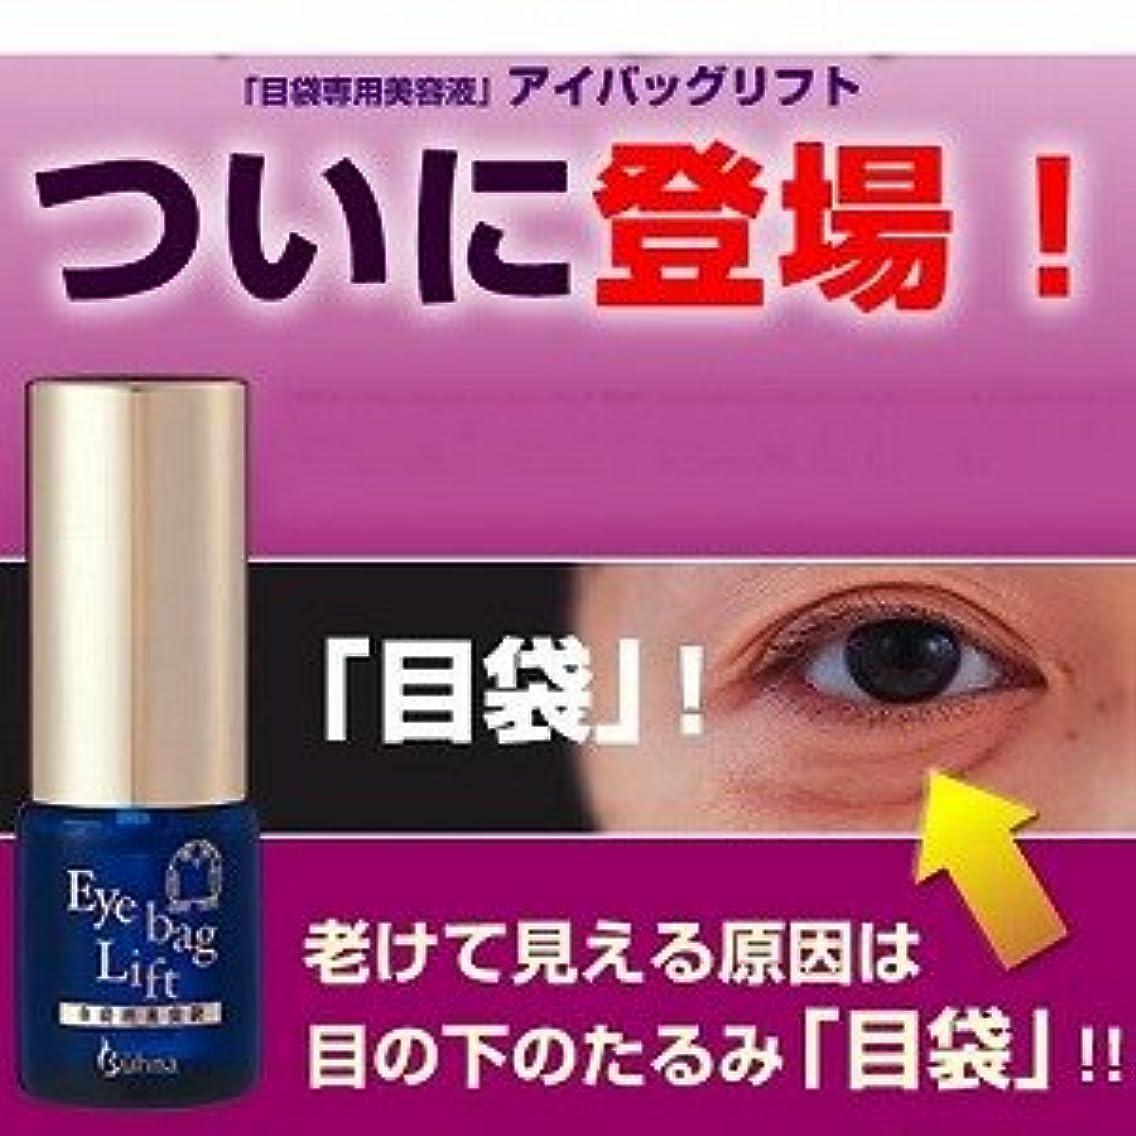 ウェブ村枝老けて見える原因は、目元、目の下のたるみ「目袋」『目袋専用美容液 アイバッグリフト』